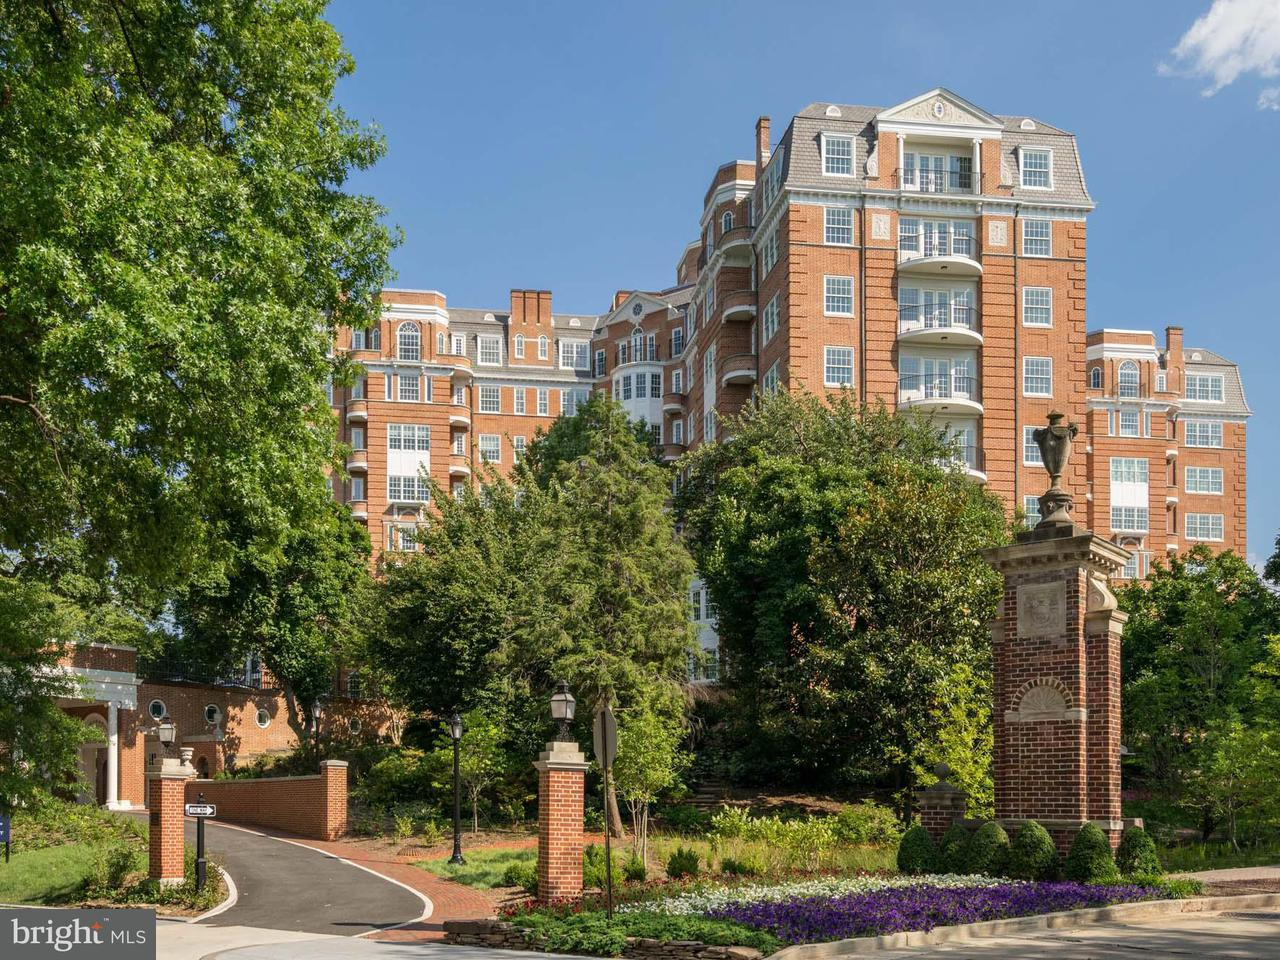 Eigentumswohnung für Verkauf beim 2660 Connecticut Ave Nw #6c 2660 Connecticut Ave Nw #6c Washington, District Of Columbia 20008 Vereinigte Staaten